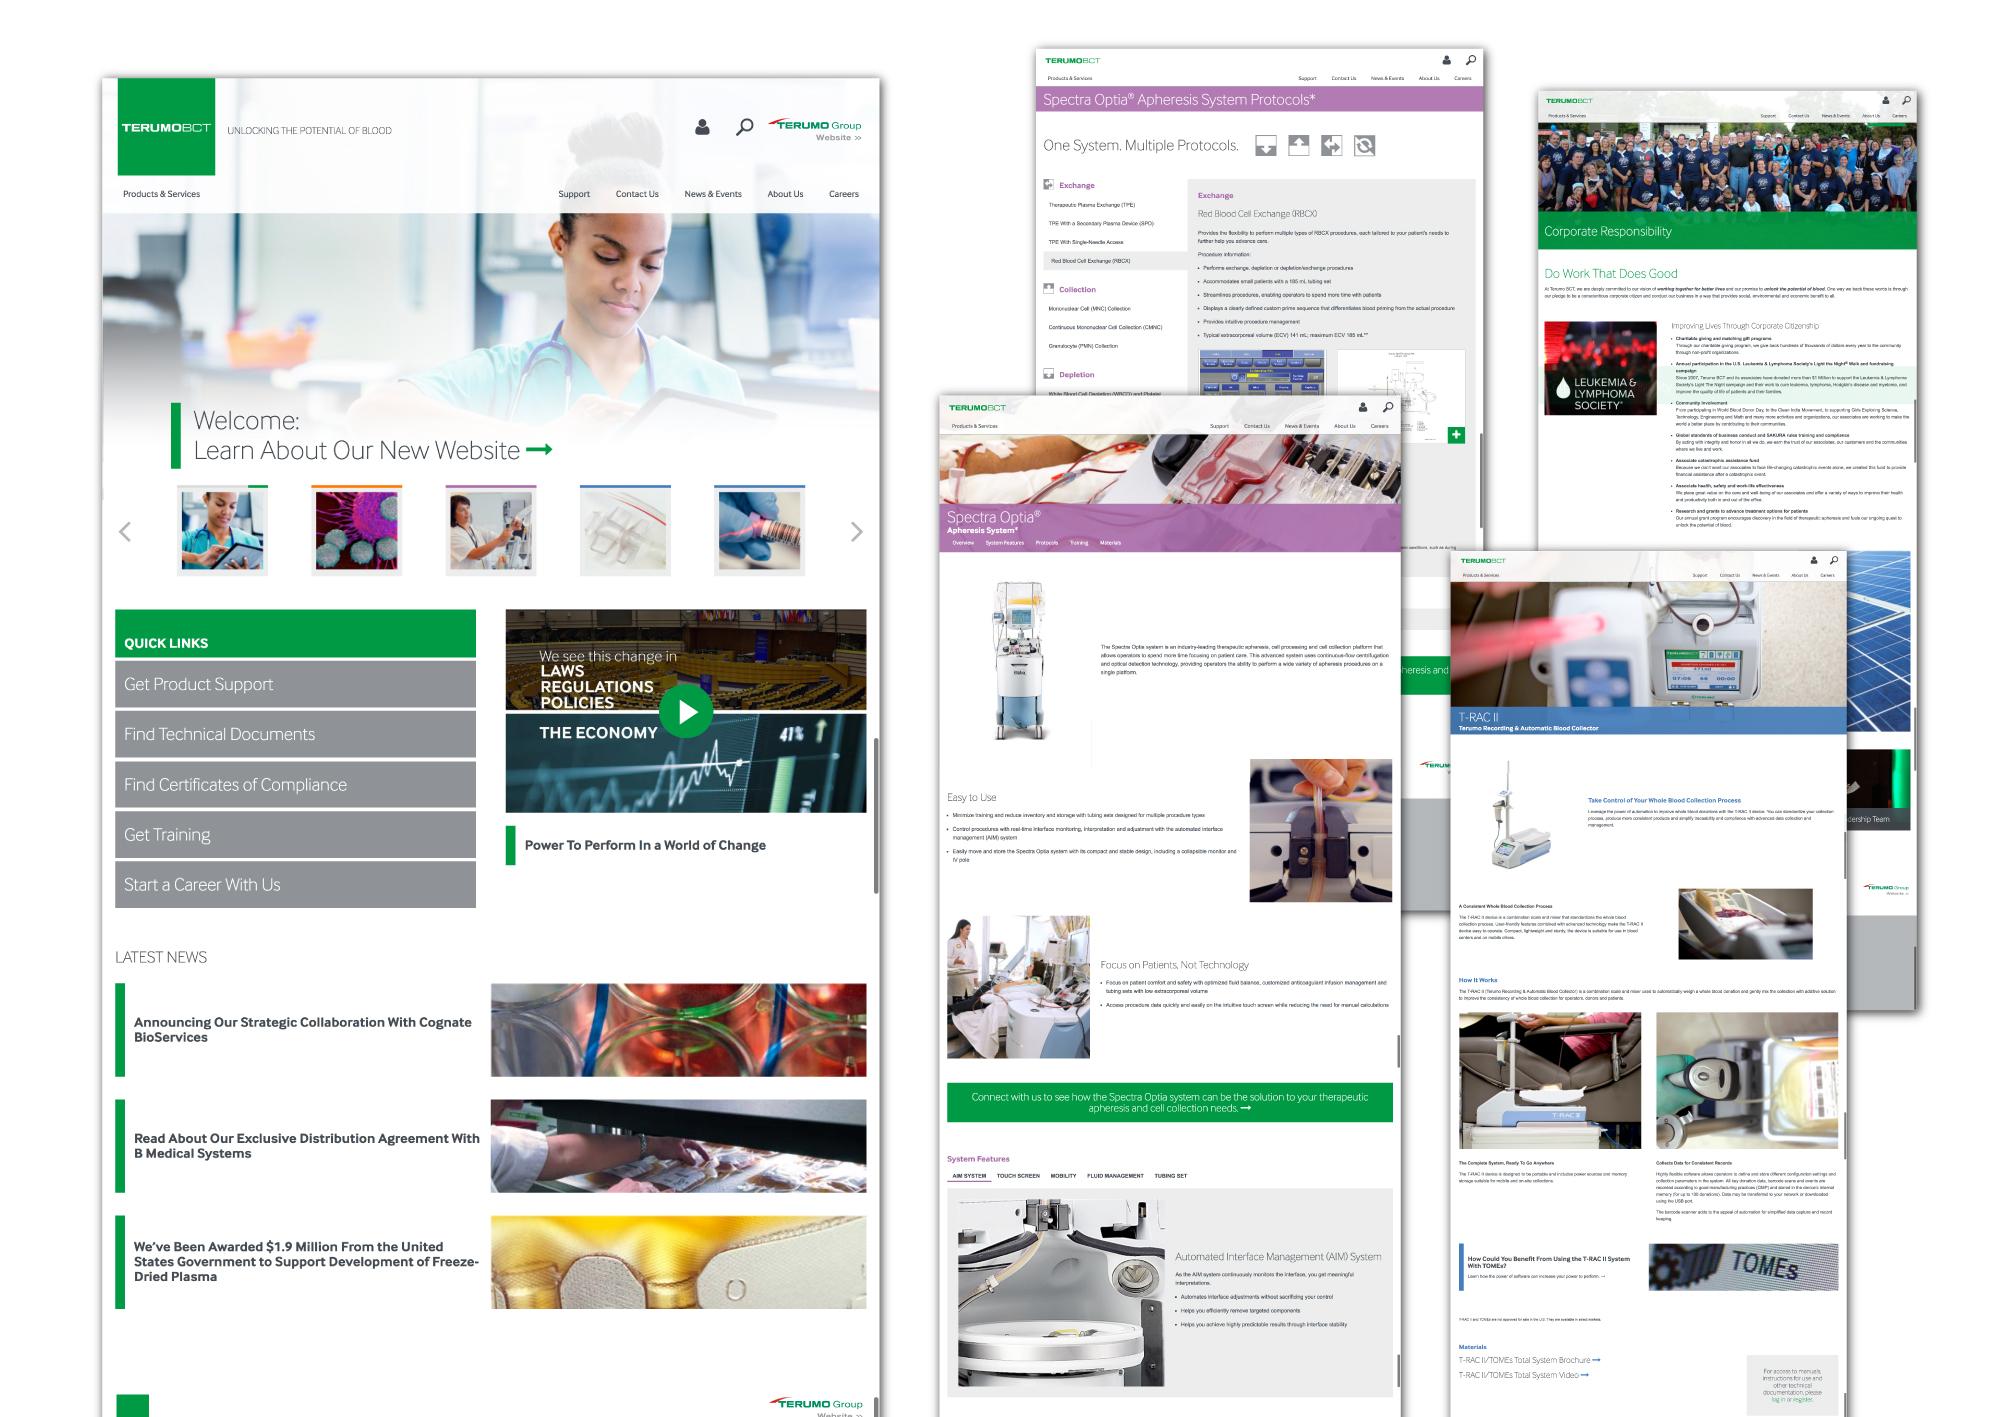 dotcom-screencaps.jpg